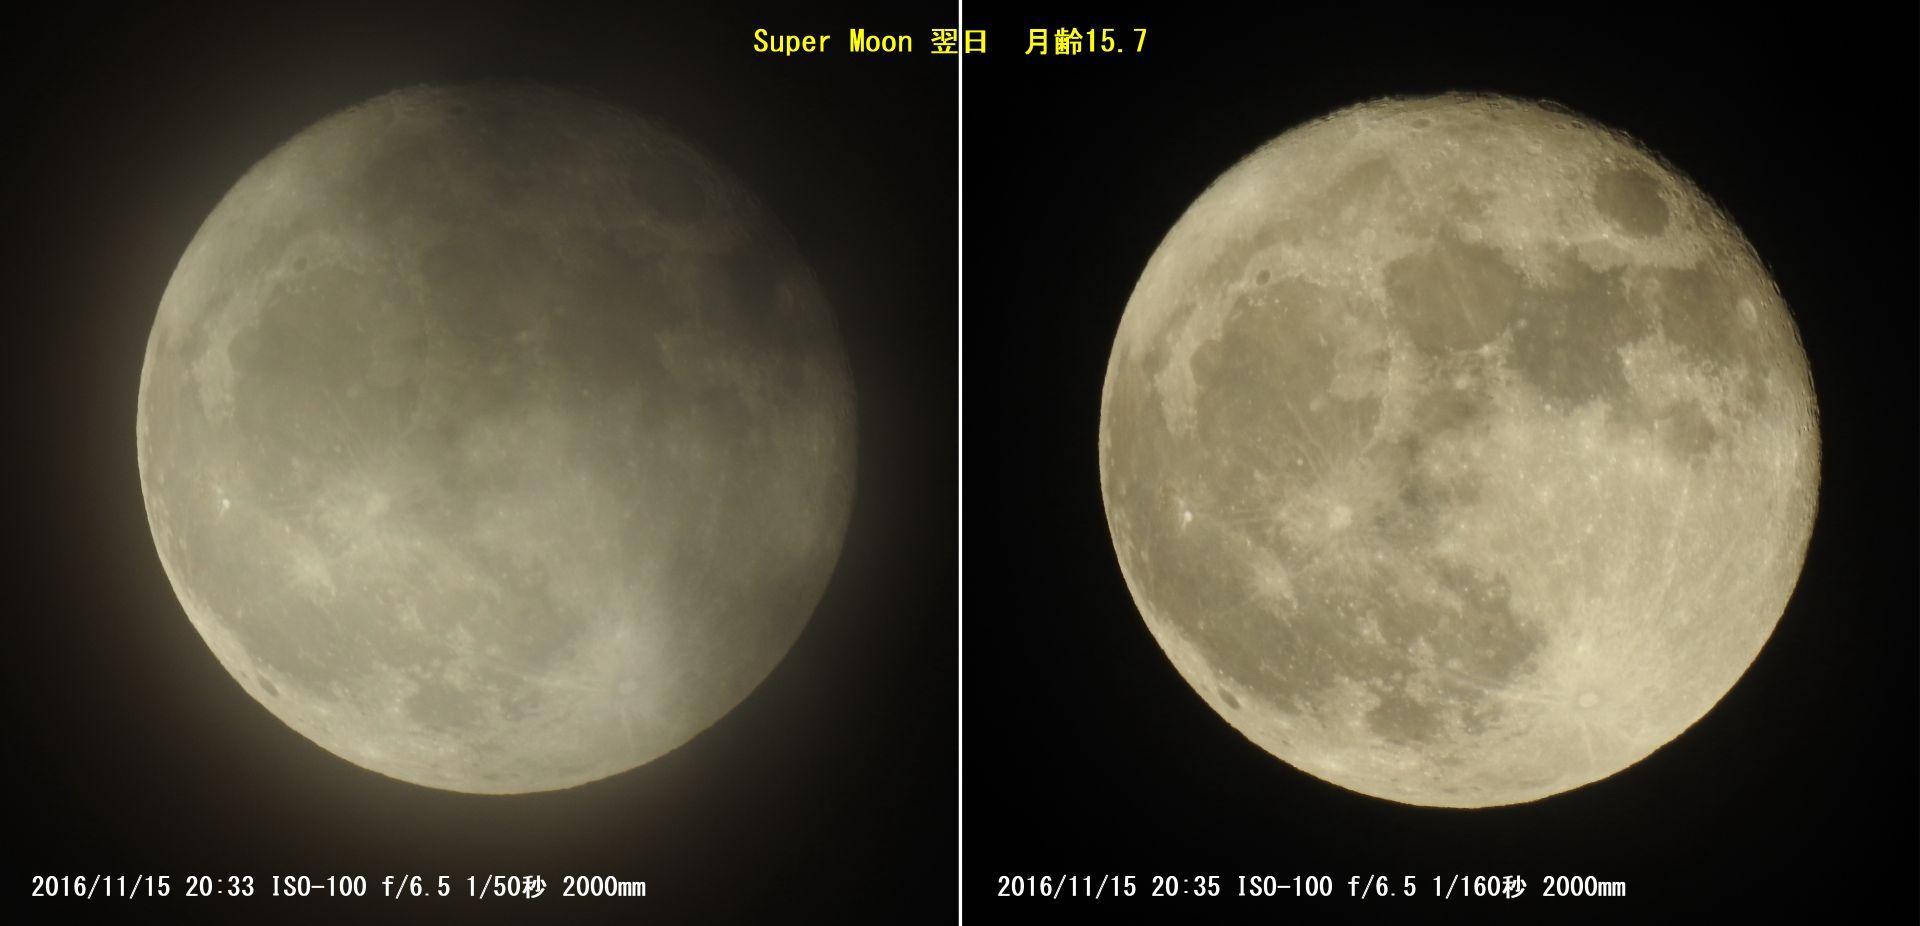 super1_1920%e6%96%87%e5%ad%97%e5%85%a5%e3%82%8a